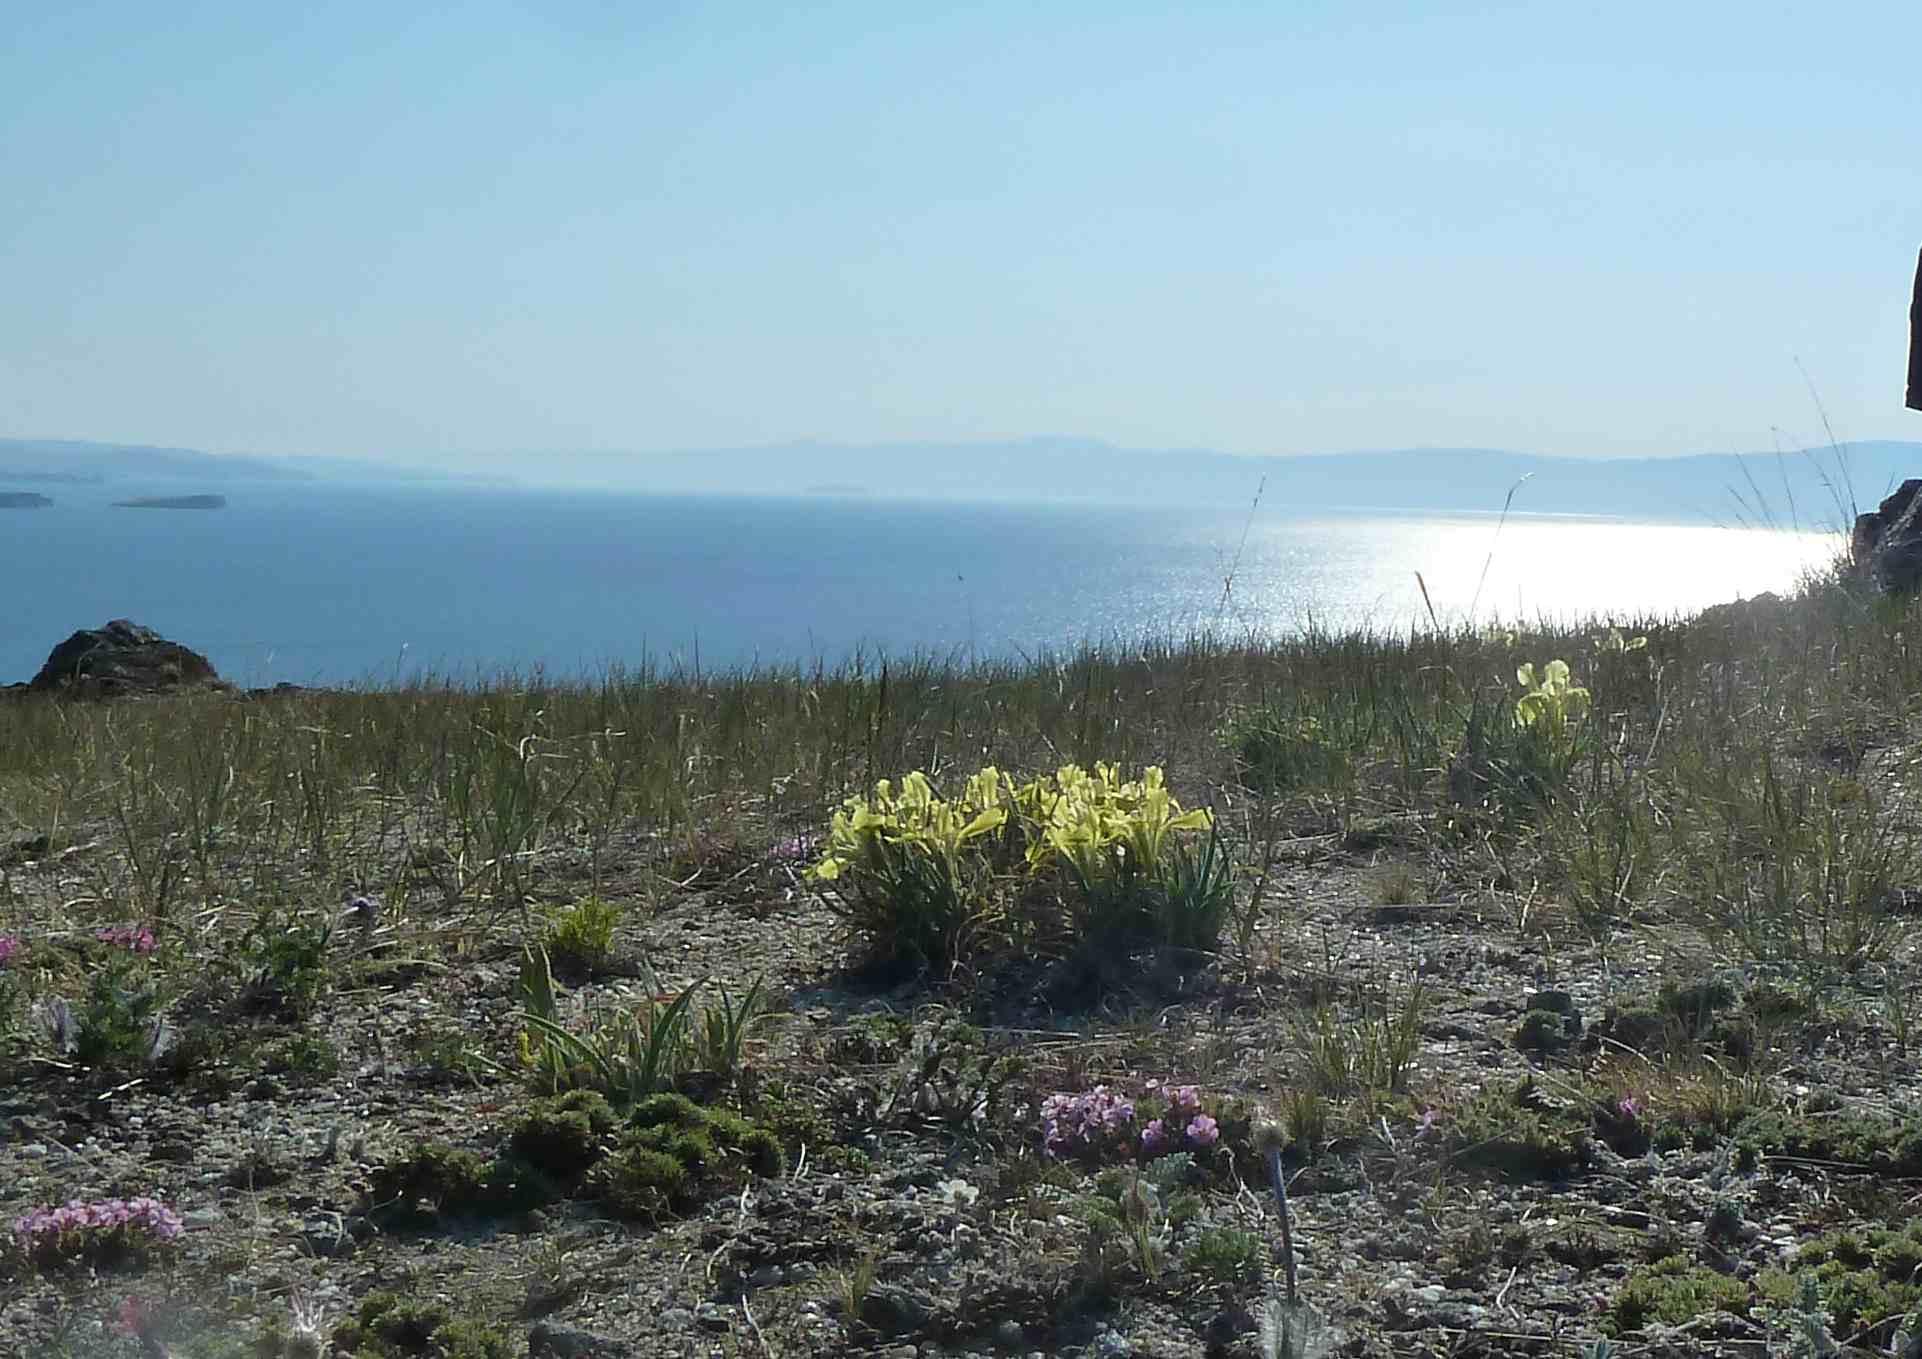 Frühlingsblumen am Baikalsee